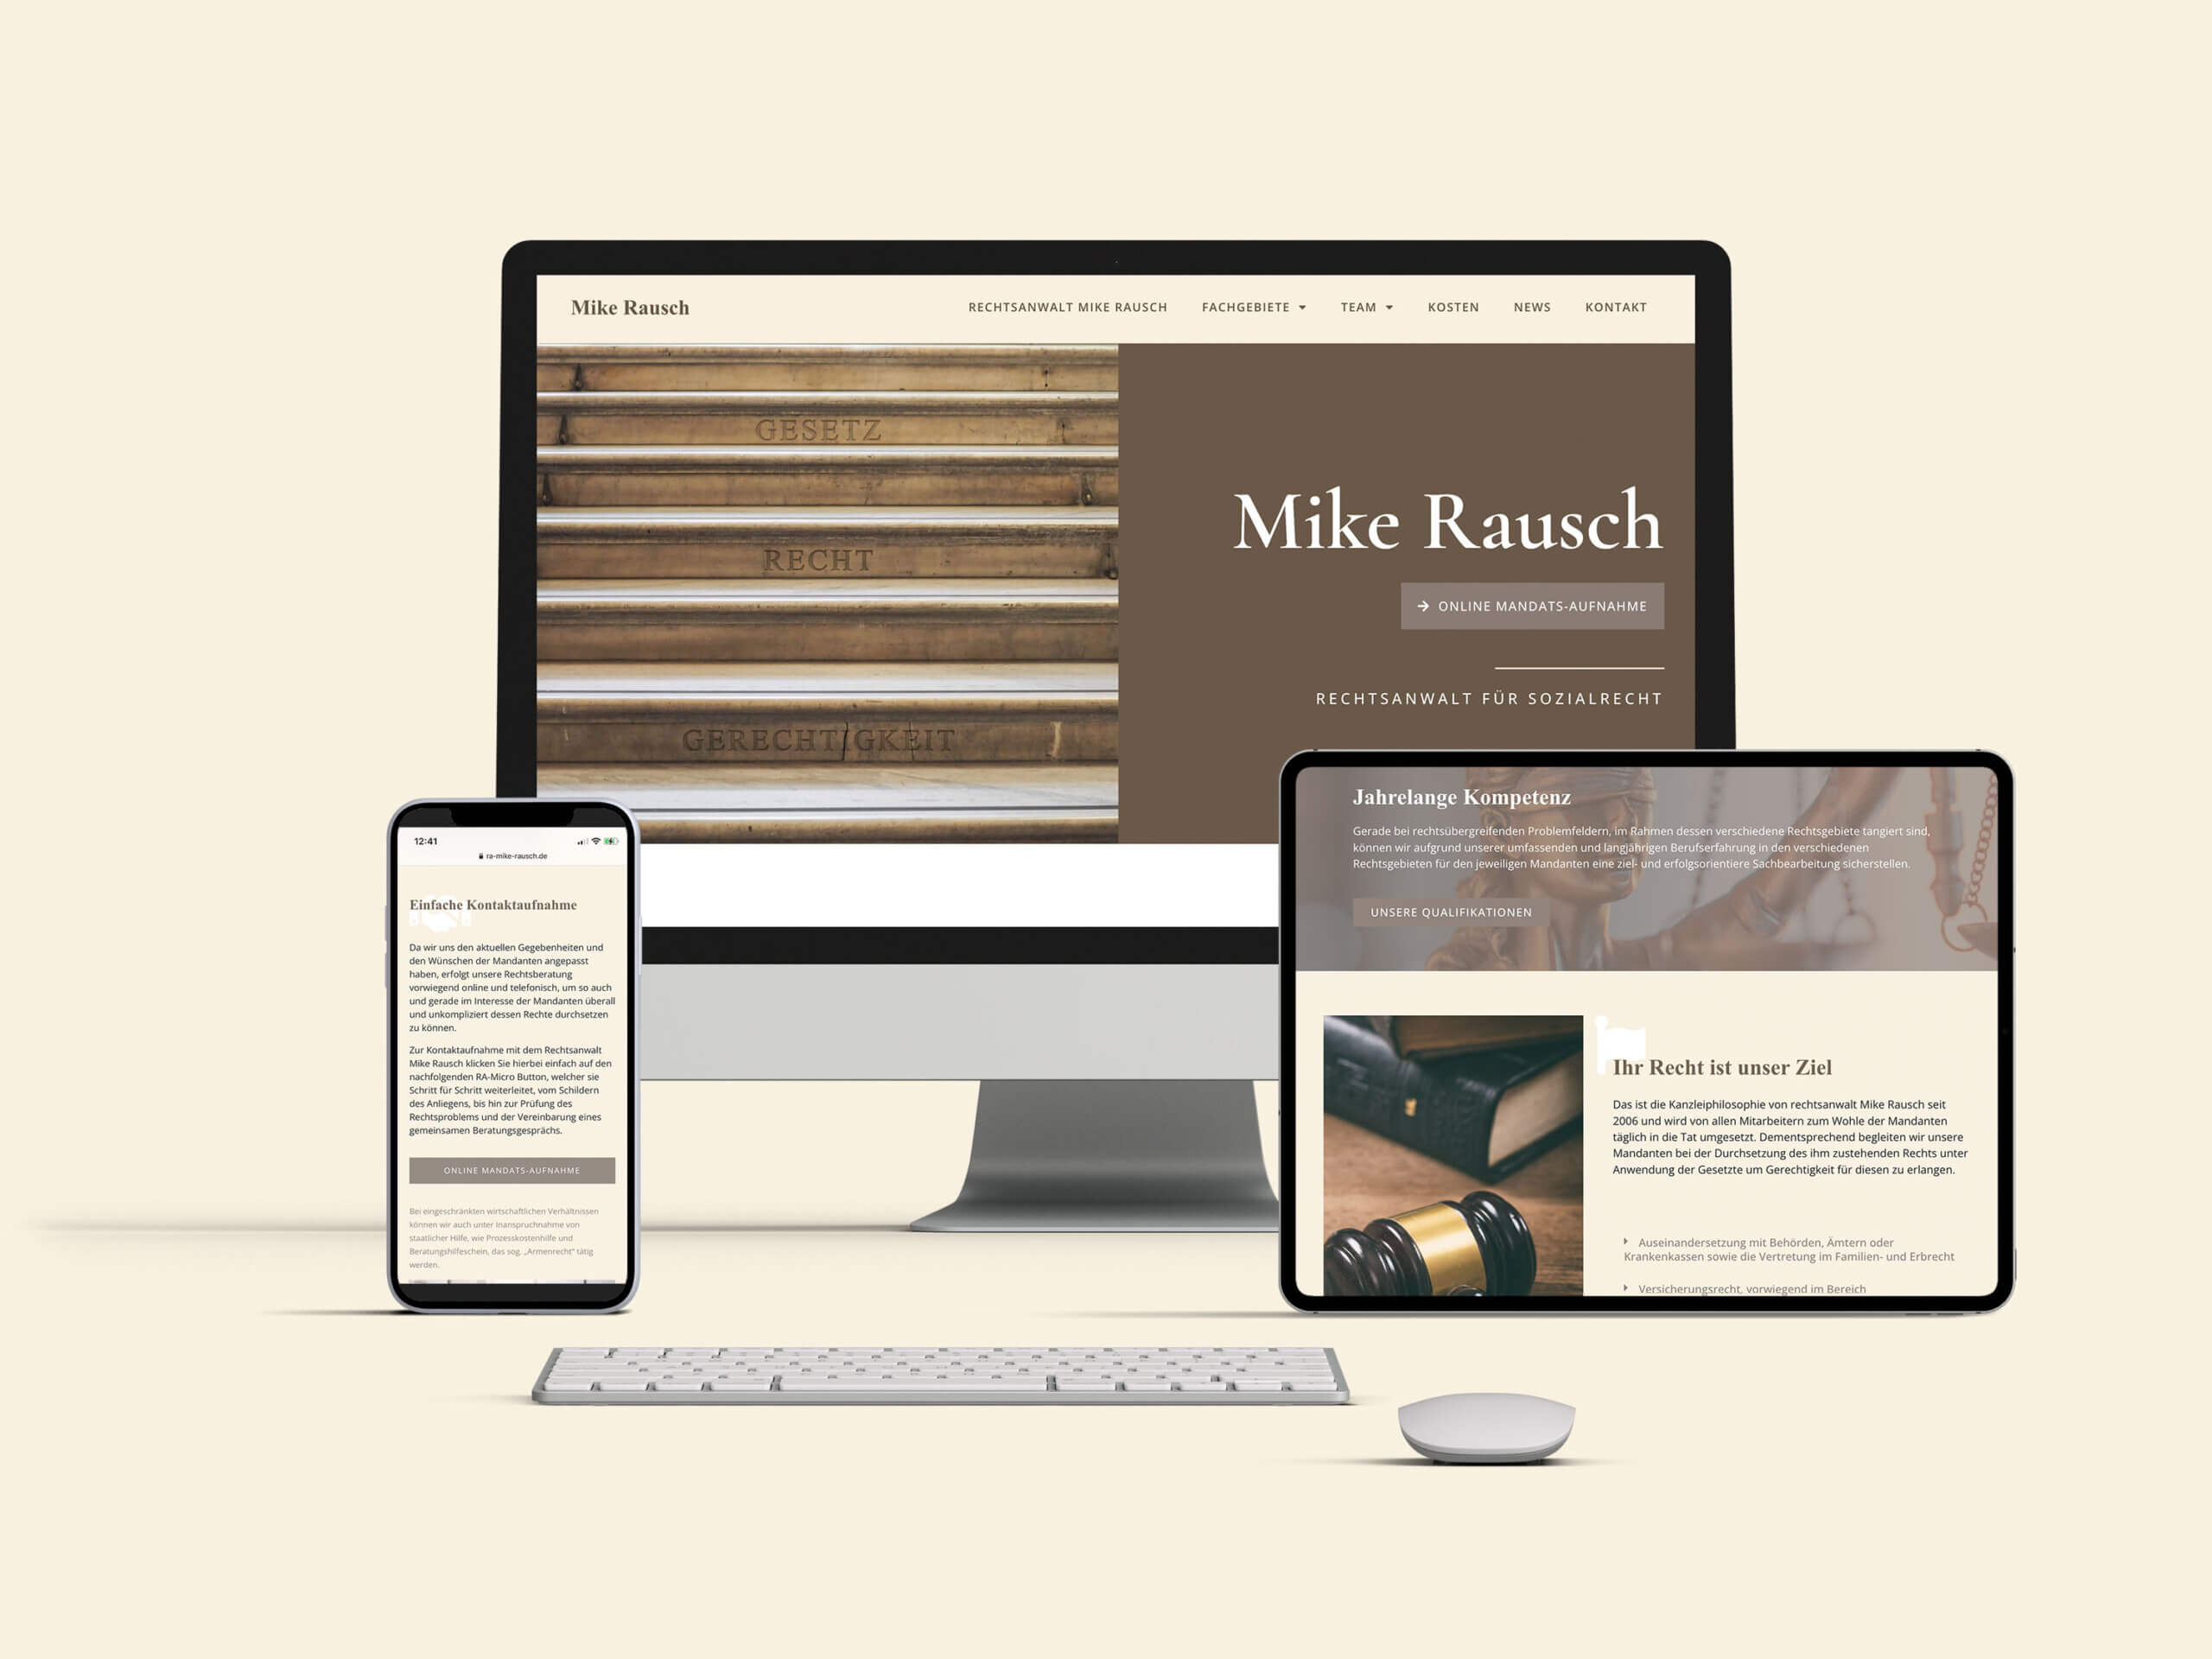 Mike Rausch Referenz